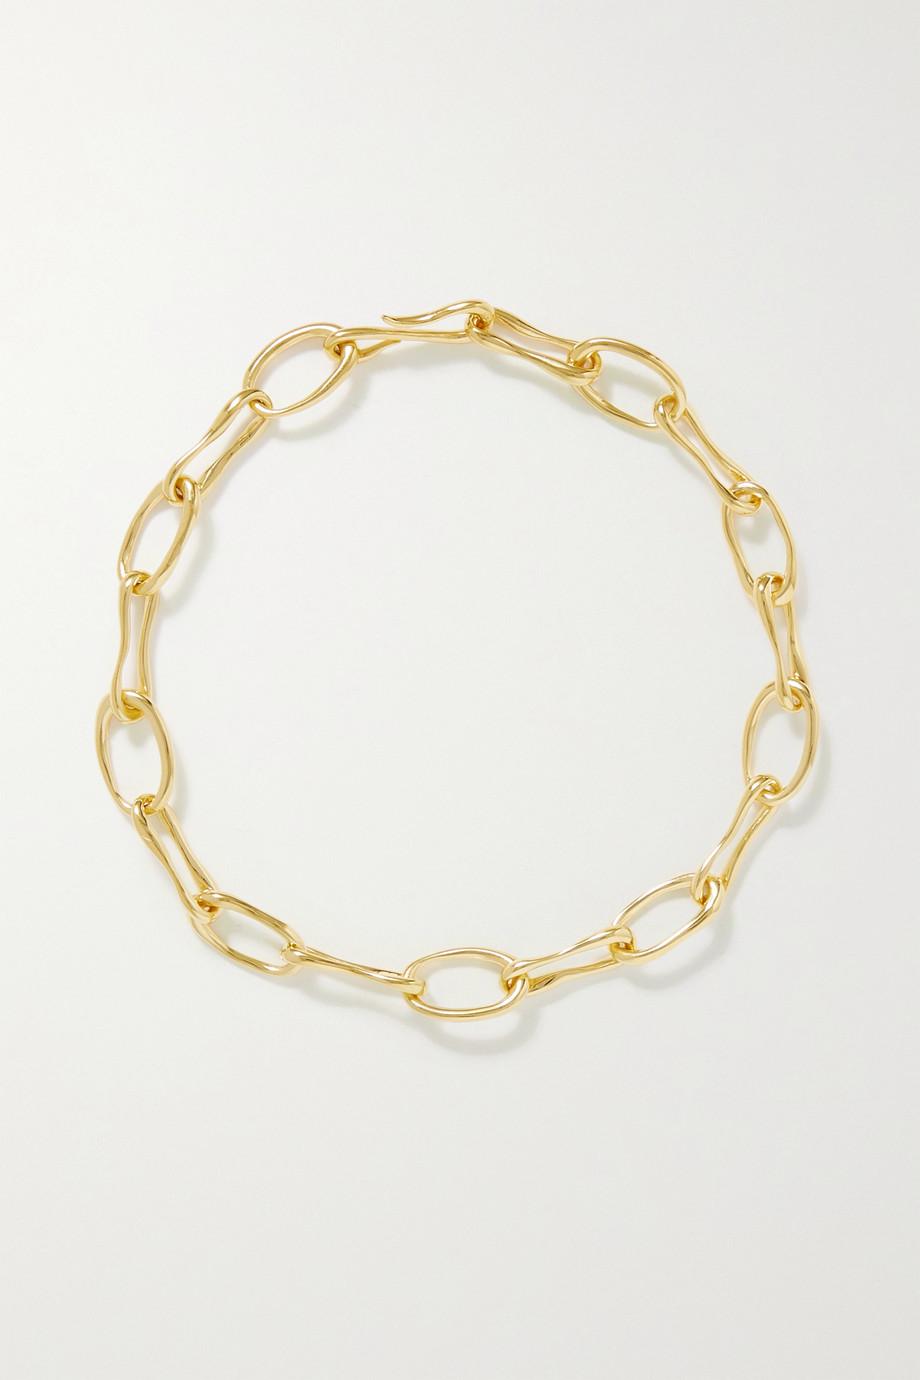 Sophie Buhai + NET SUSTAIN Roman gold vermeil necklace